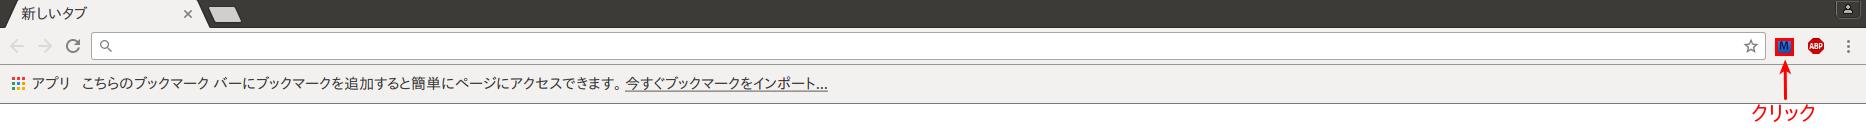 新しいタブ - Google Chrome_020.png